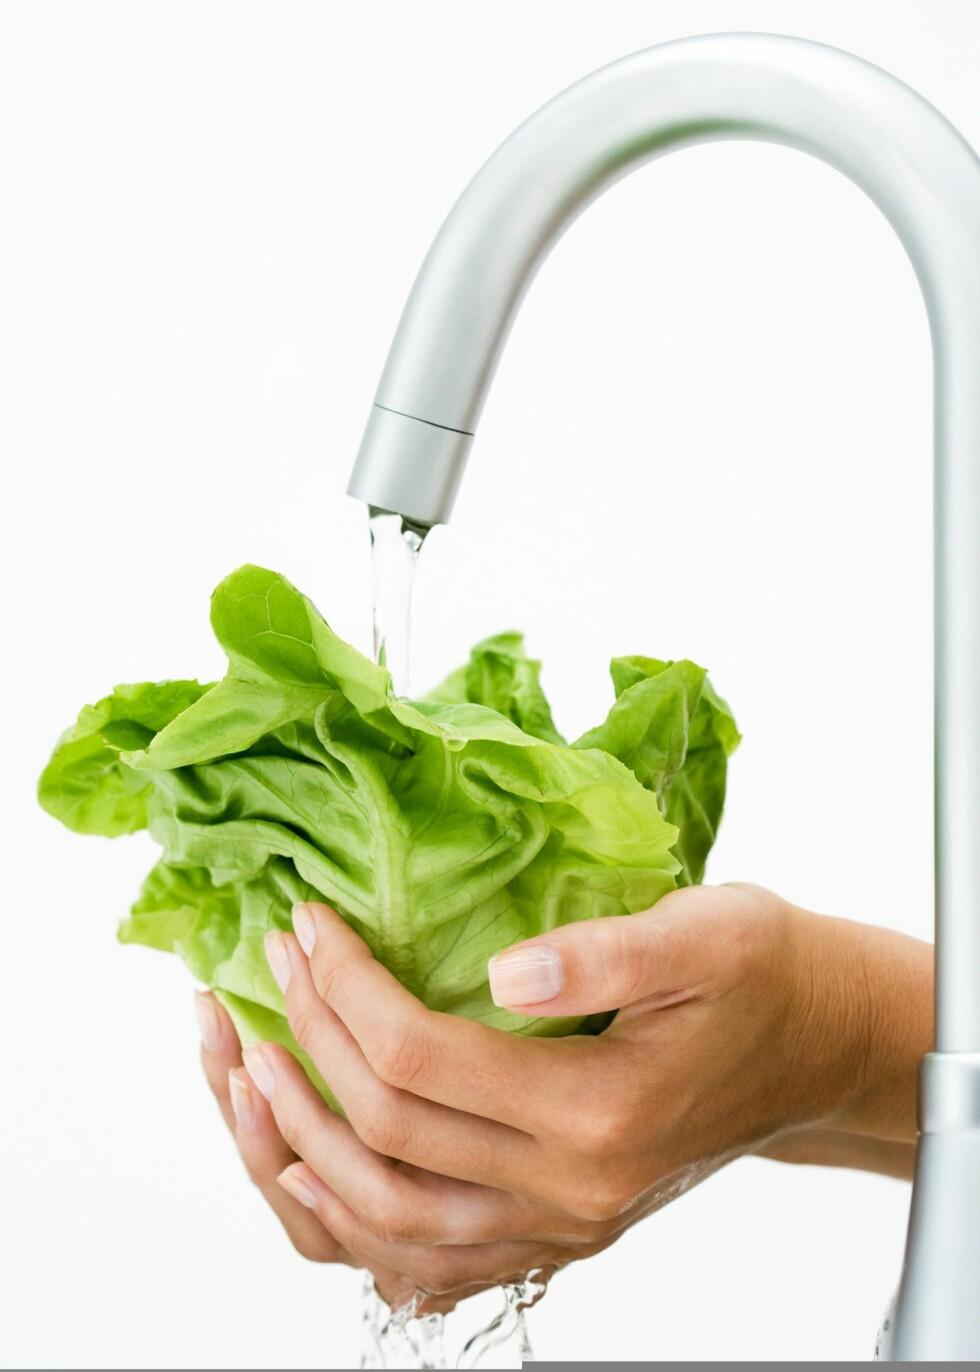 Selv om du vasker salaten godt, er den ikke hundre prosent trygg å spise. Illustrasjonsfoto: Colourbox.com